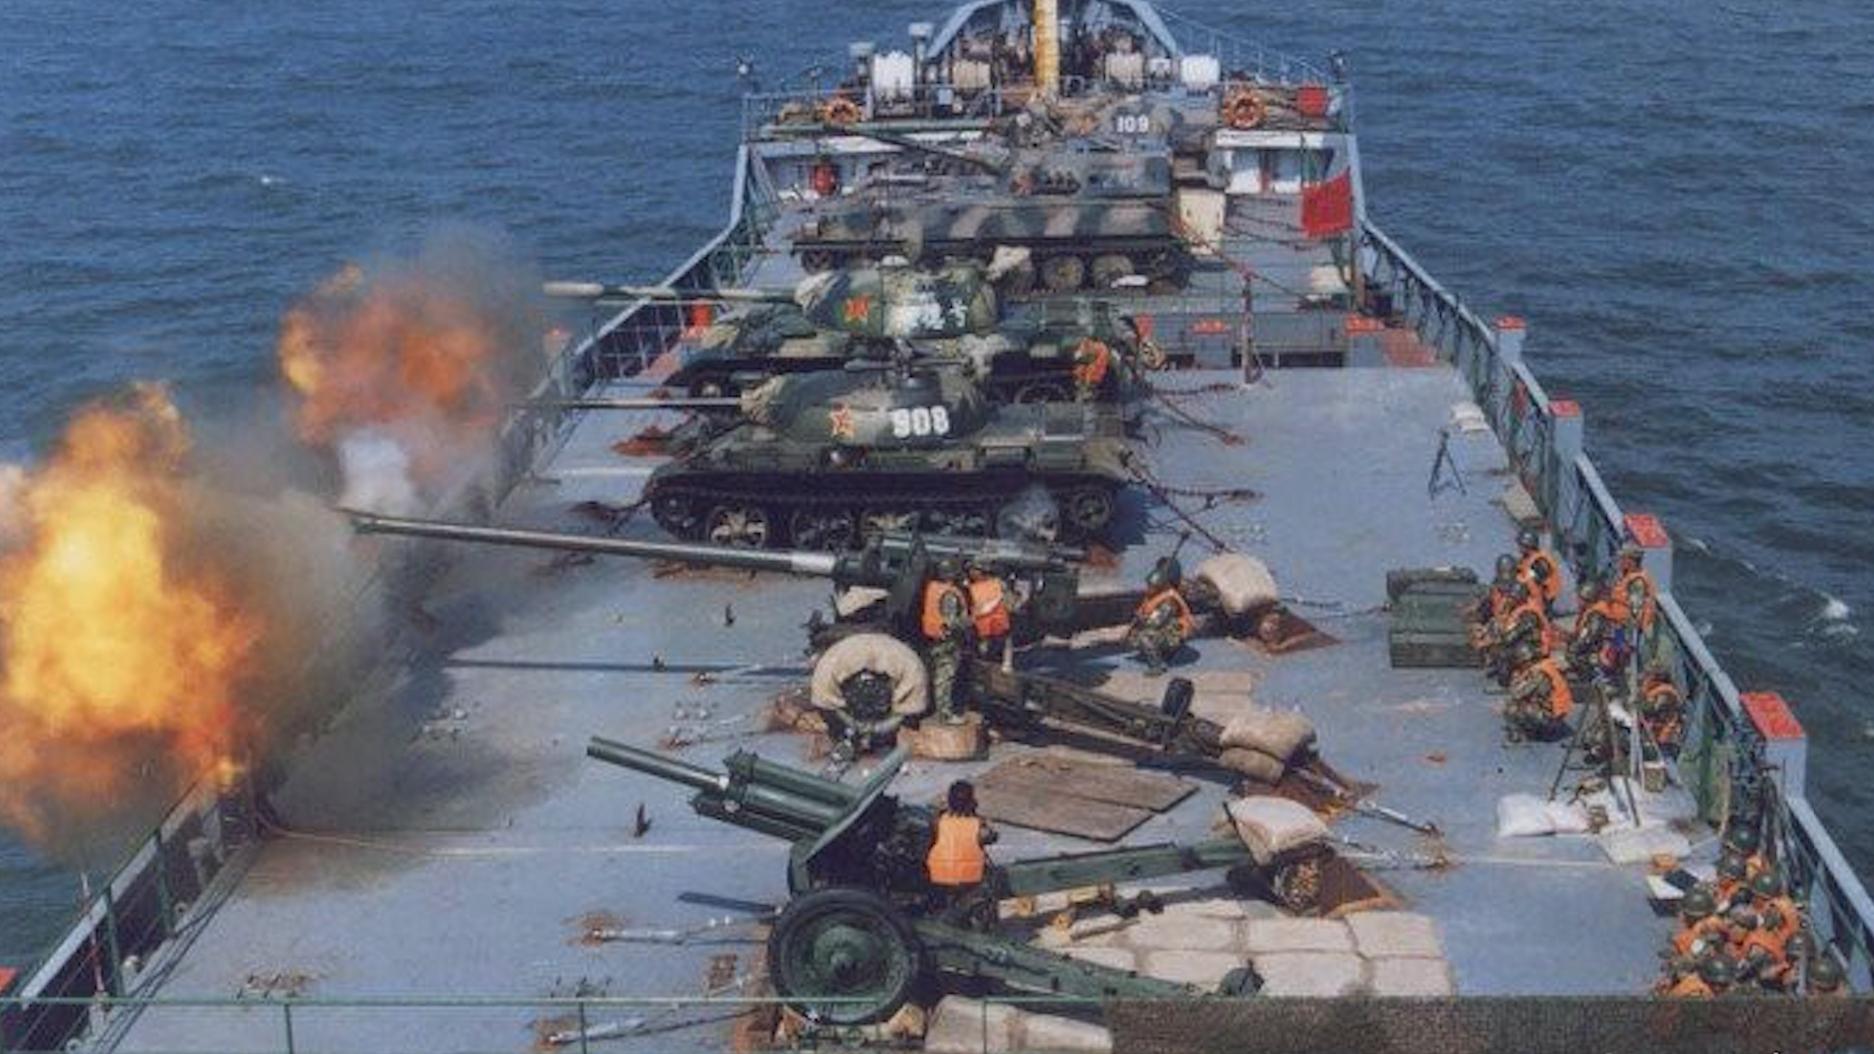 寸土不让!美国航母进台湾海峡,解放军把大炮搬上货轮齐射